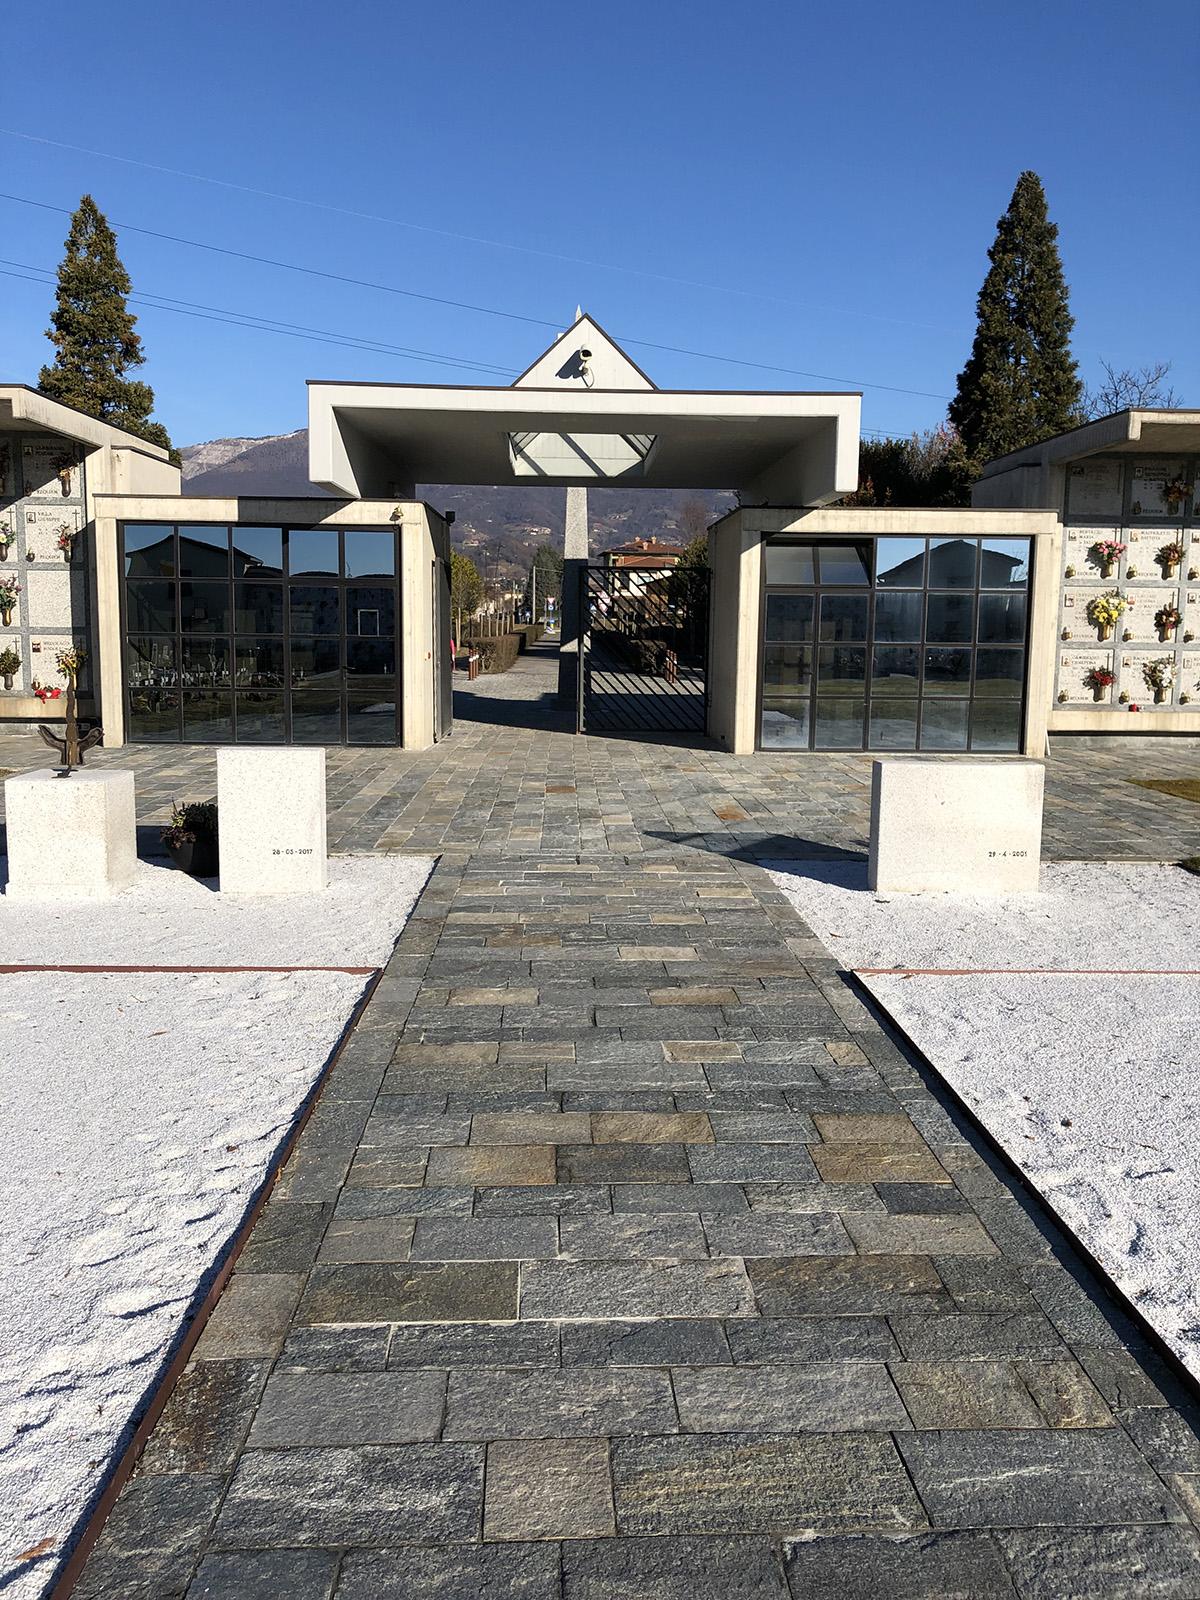 Perico-Renato-Ambivere (BG) - Cimitero comunale - Ristrutturazione 4